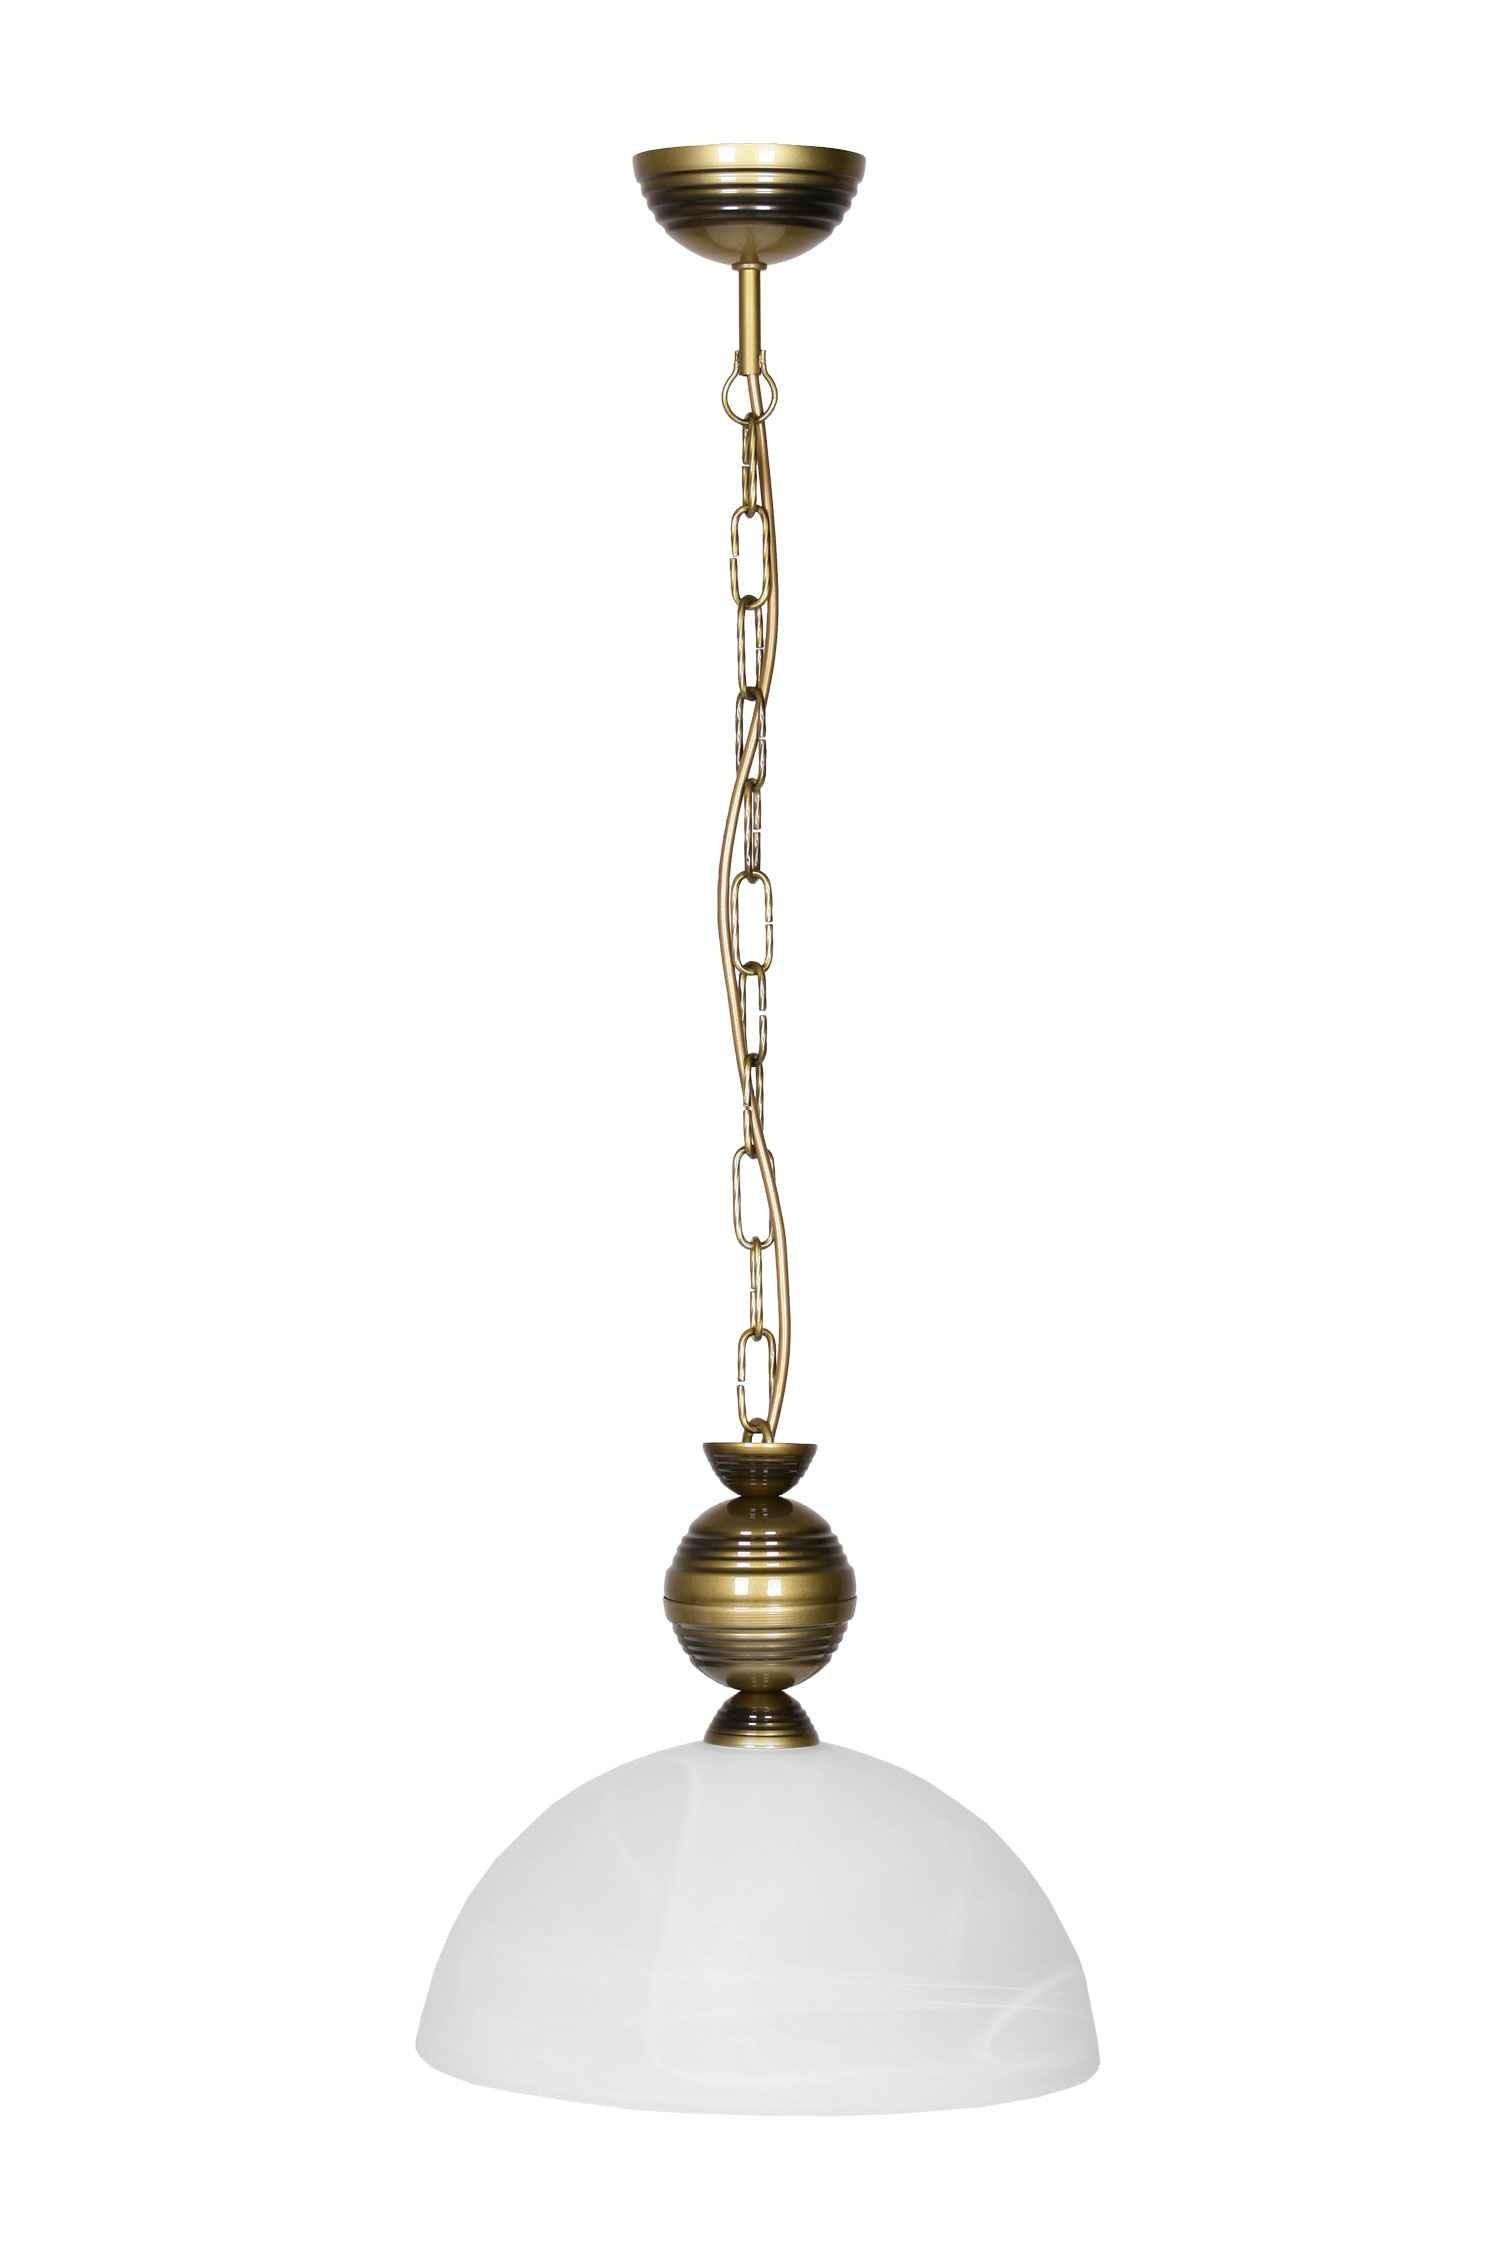 Klasický jednozávěsný lustr Paloma classic 00903